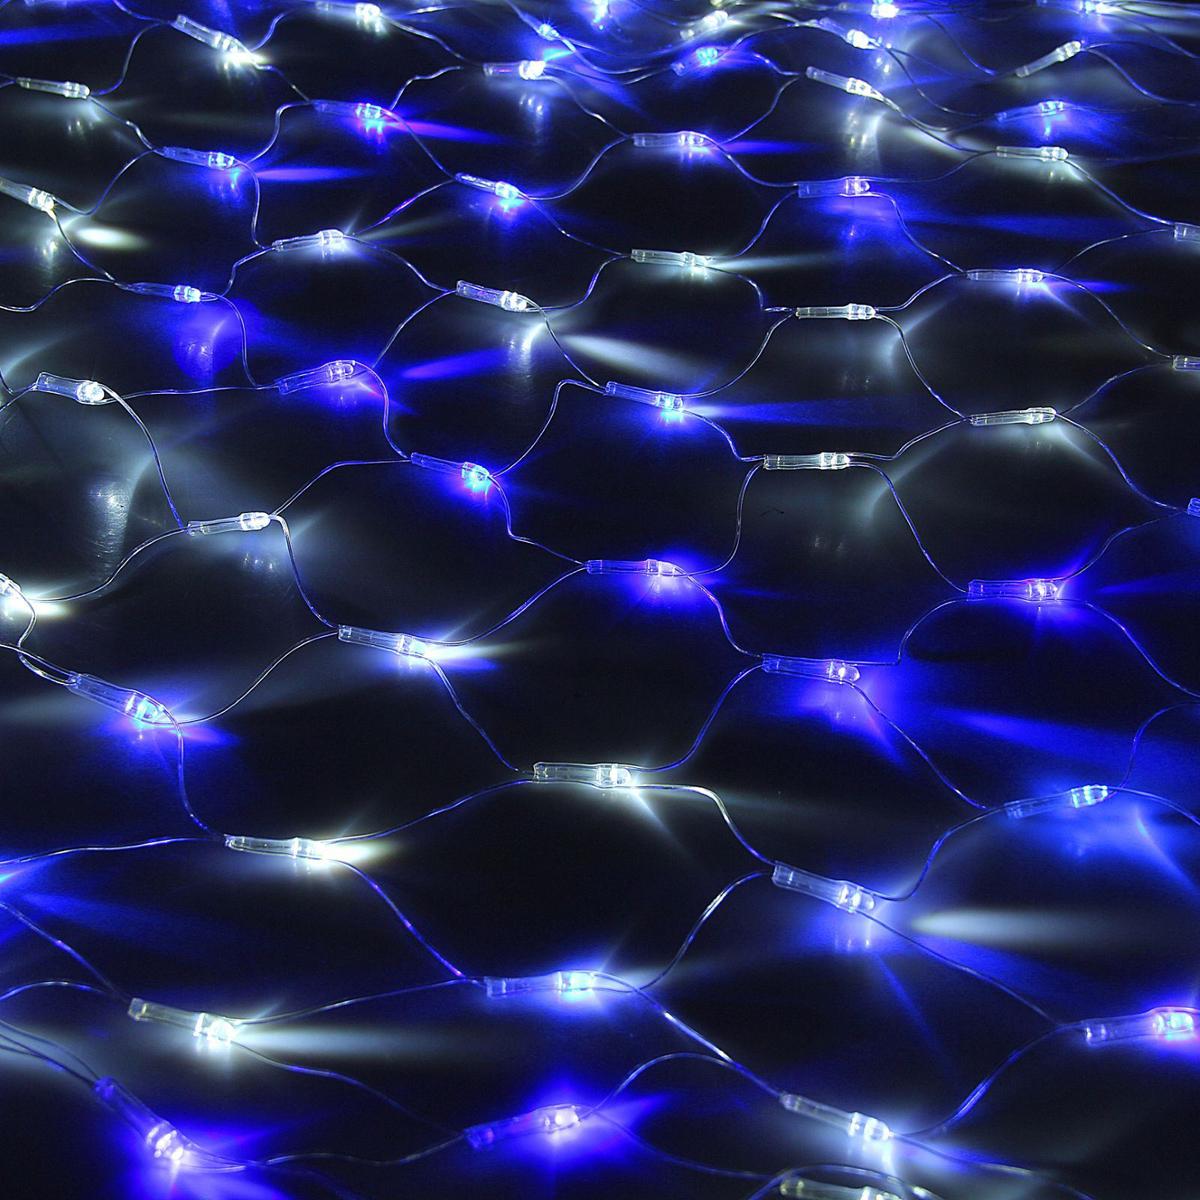 Гирлянда Luazon Сетка, длина 1,1 м, LED 144 ламп, 220V, цвет: бело-синий1080494Светодиодные гирлянды, ленты и т.д — это отличный вариант для новогоднего оформления интерьера или фасада. С их помощью помещение любого размера можно превратить в праздничный зал, а внешние элементы зданий, украшенные ими, мгновенно станут напоминать очертания сказочного дворца. Такие украшения создают ауру предвкушения чуда. Деревья, фасады, витрины, окна и арки будто специально созданы, чтобы вы украсили их светящимися нитями.